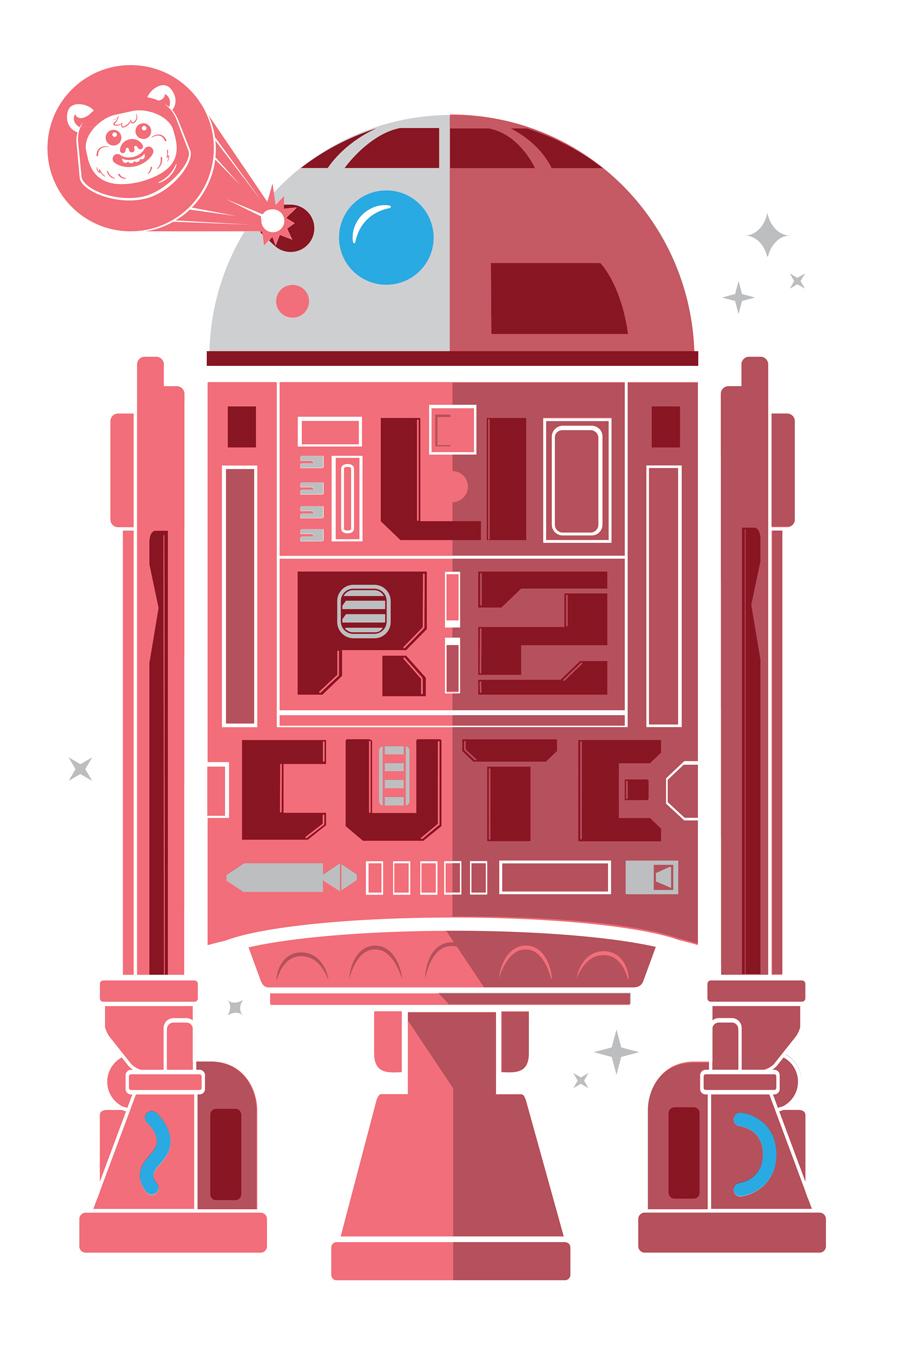 R2cute.jpg